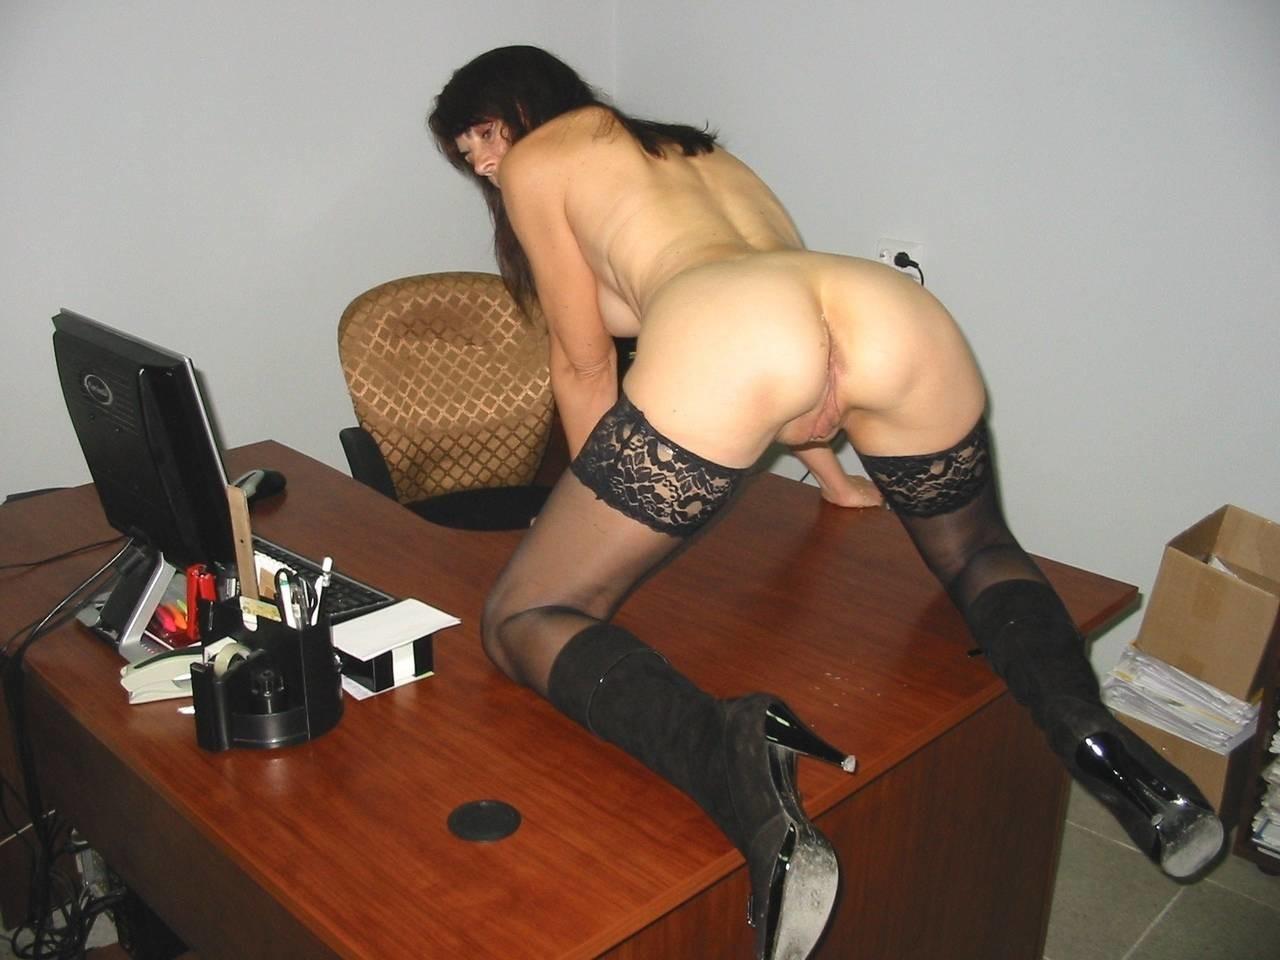 Эро рассказы на работе без нижнего белья, Отпуск без трусиков (рассказ) 11 фотография